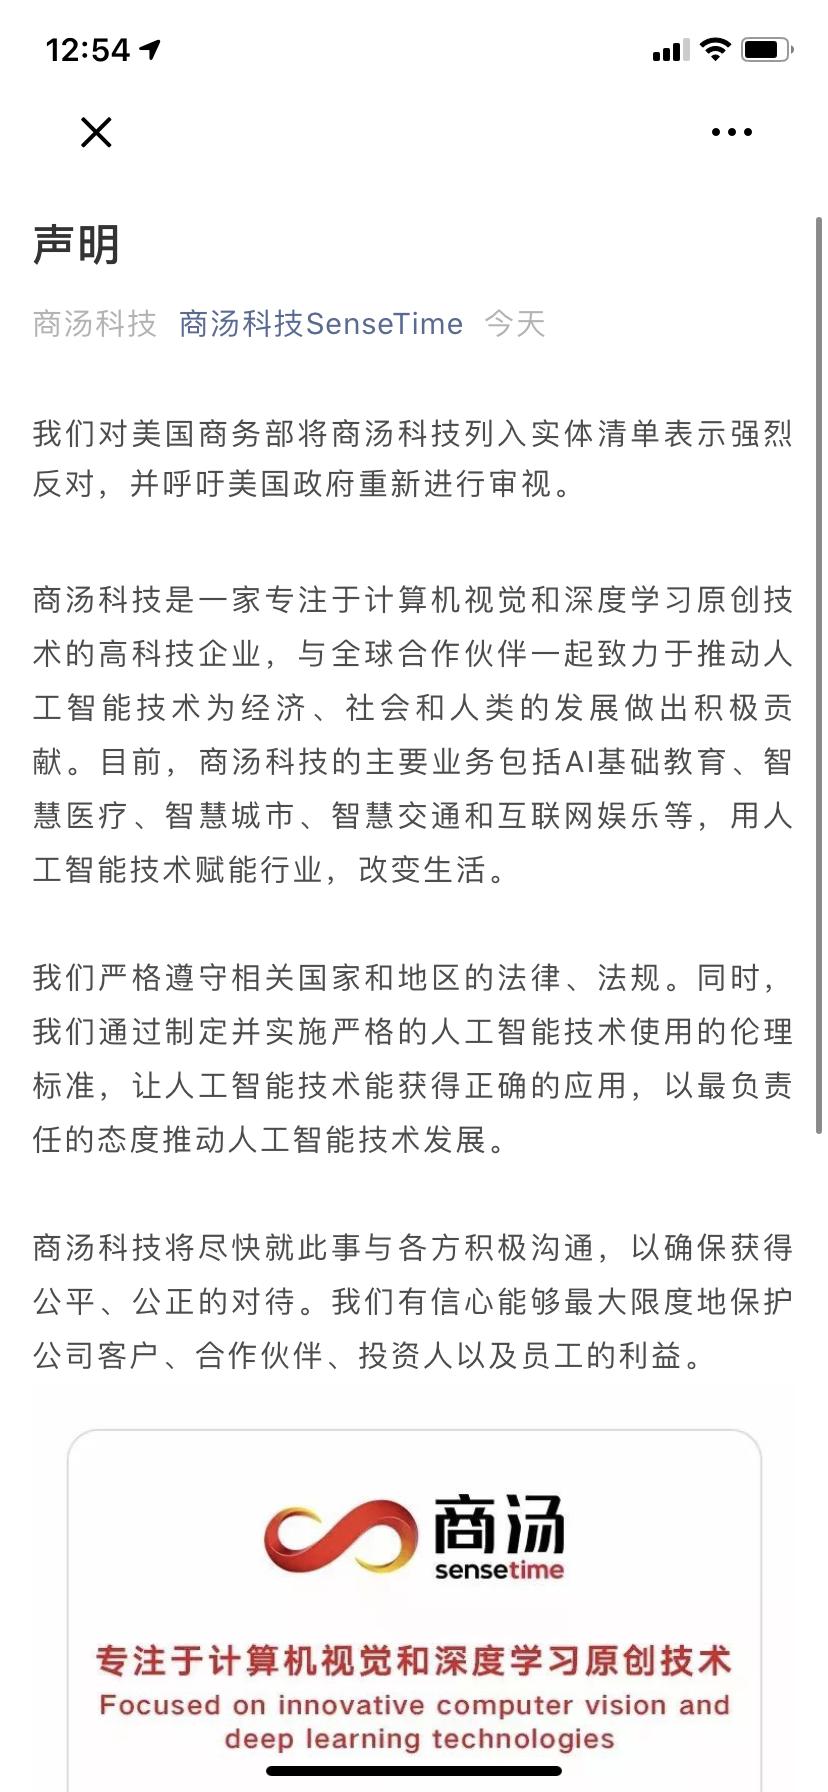 黄辰鑫:黄金短线调整继续看涨 原油弱势不改